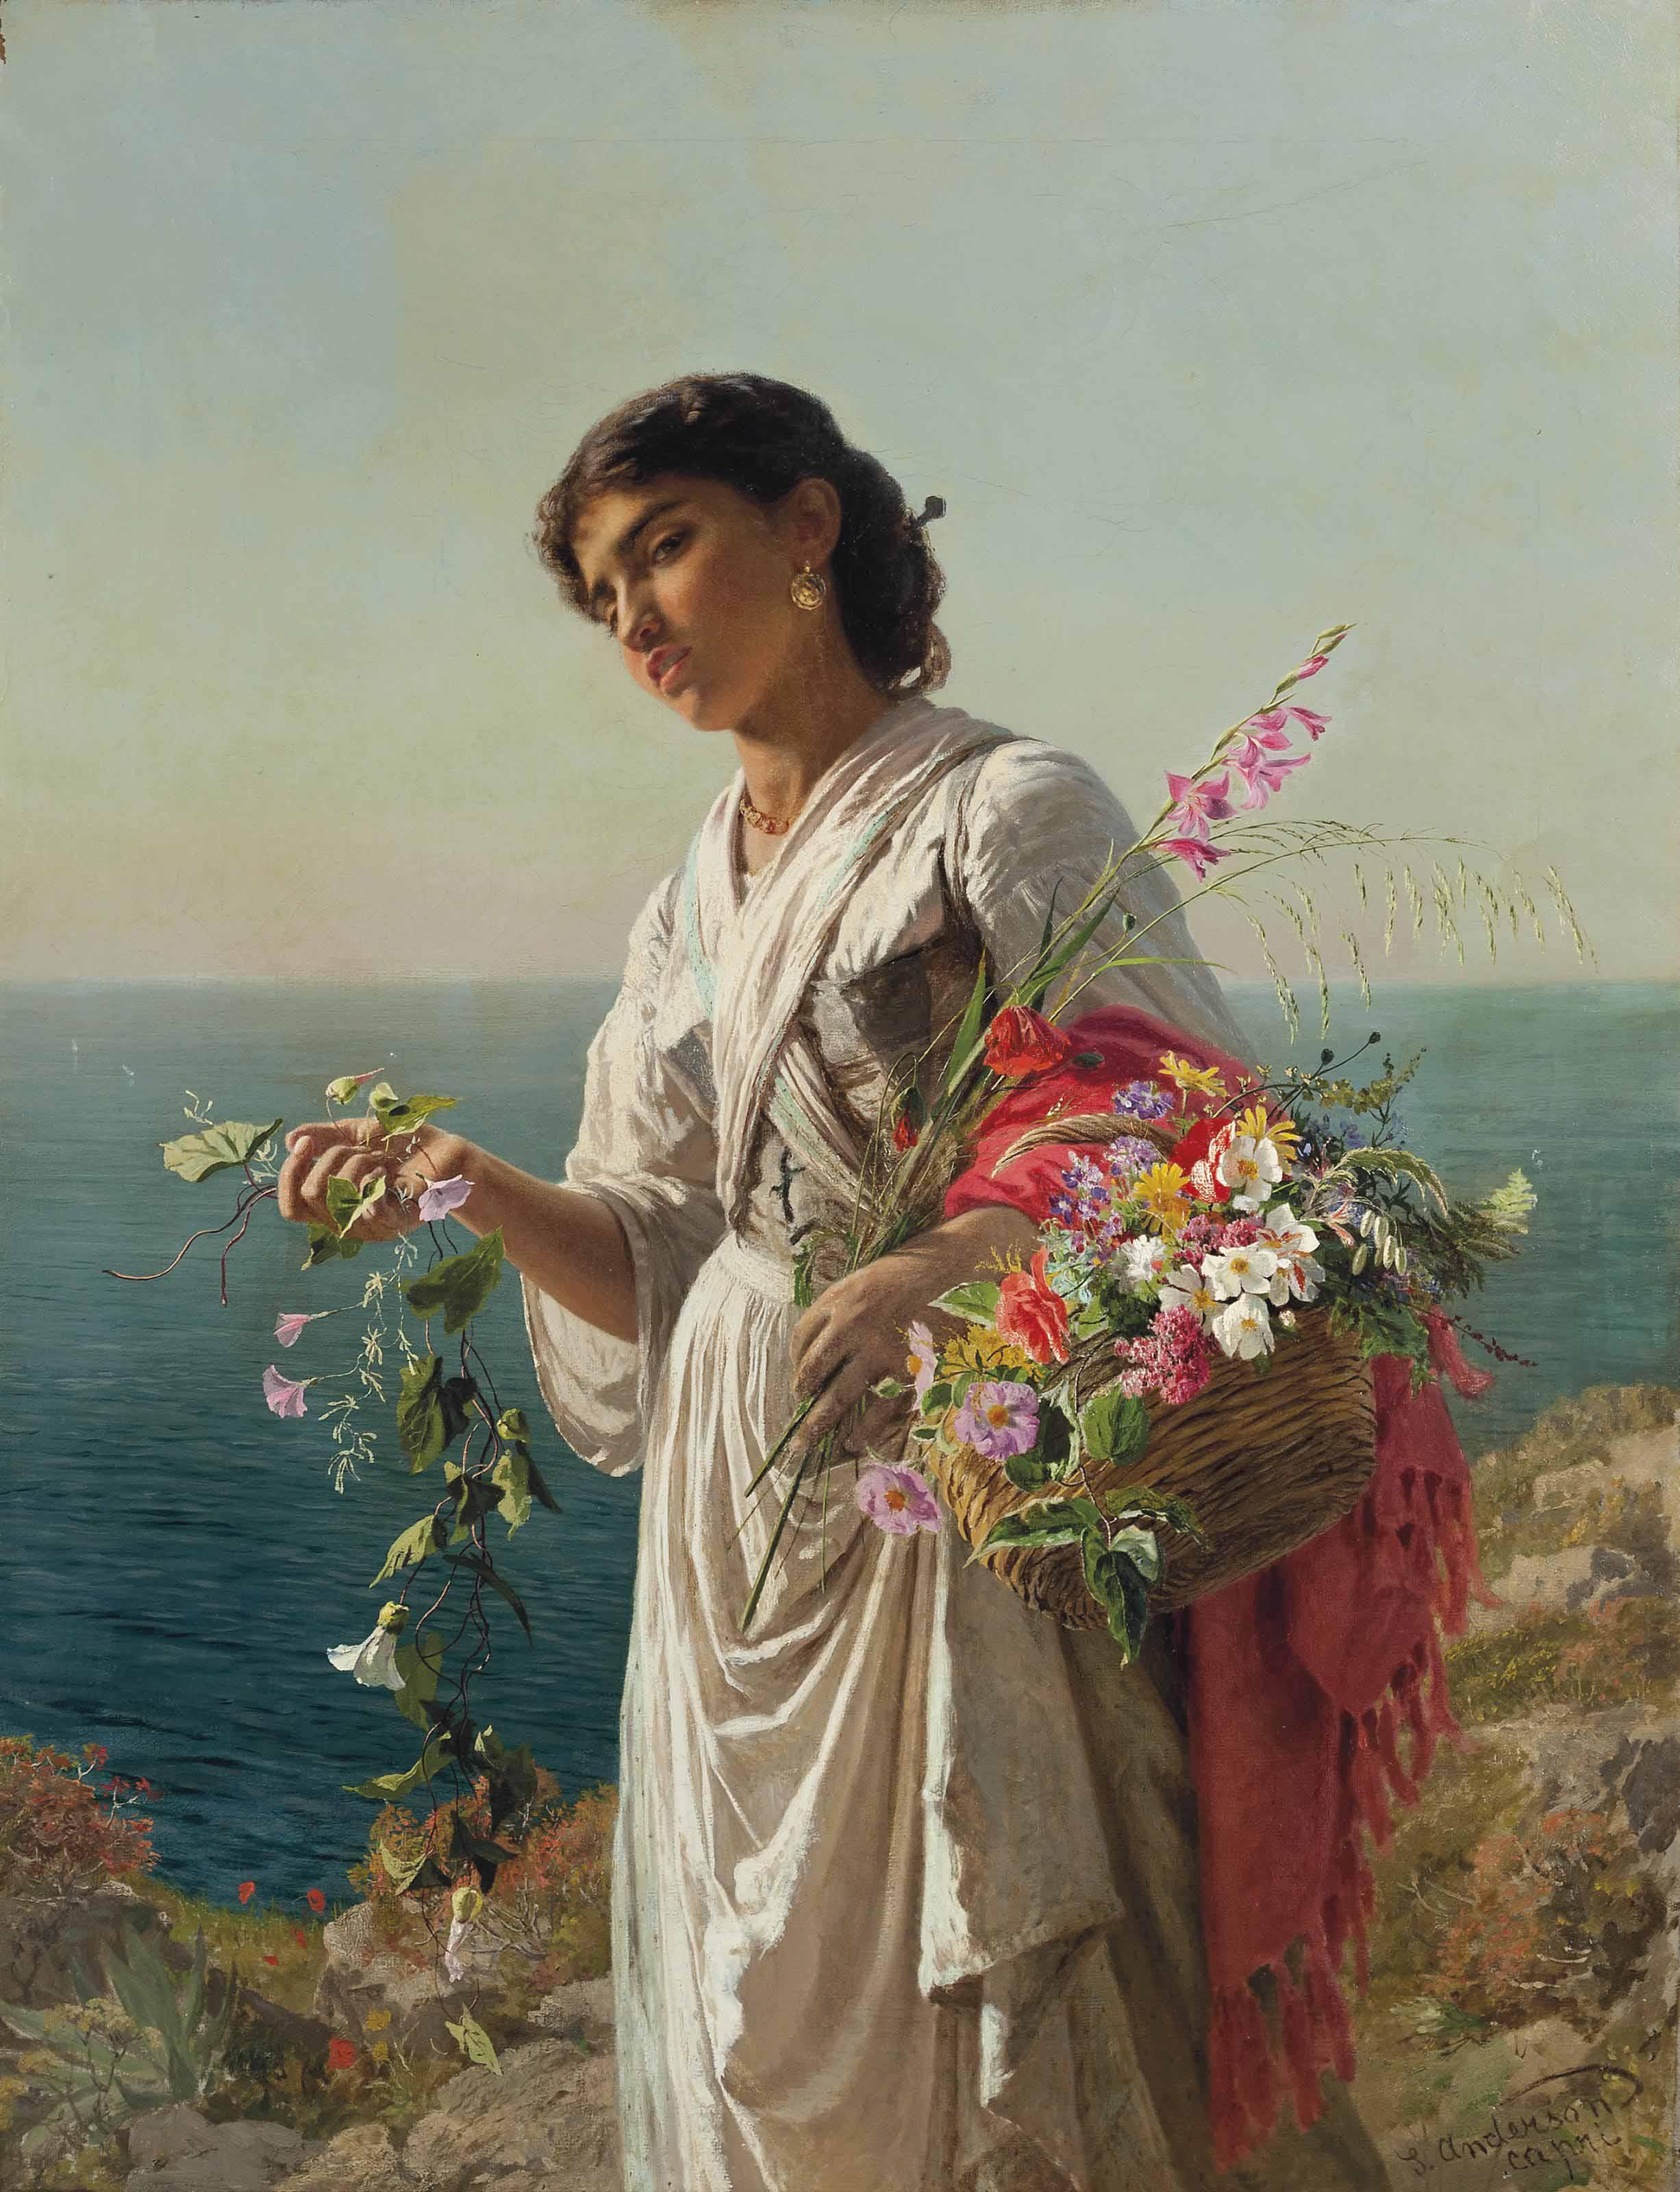 The flower girl, Capri